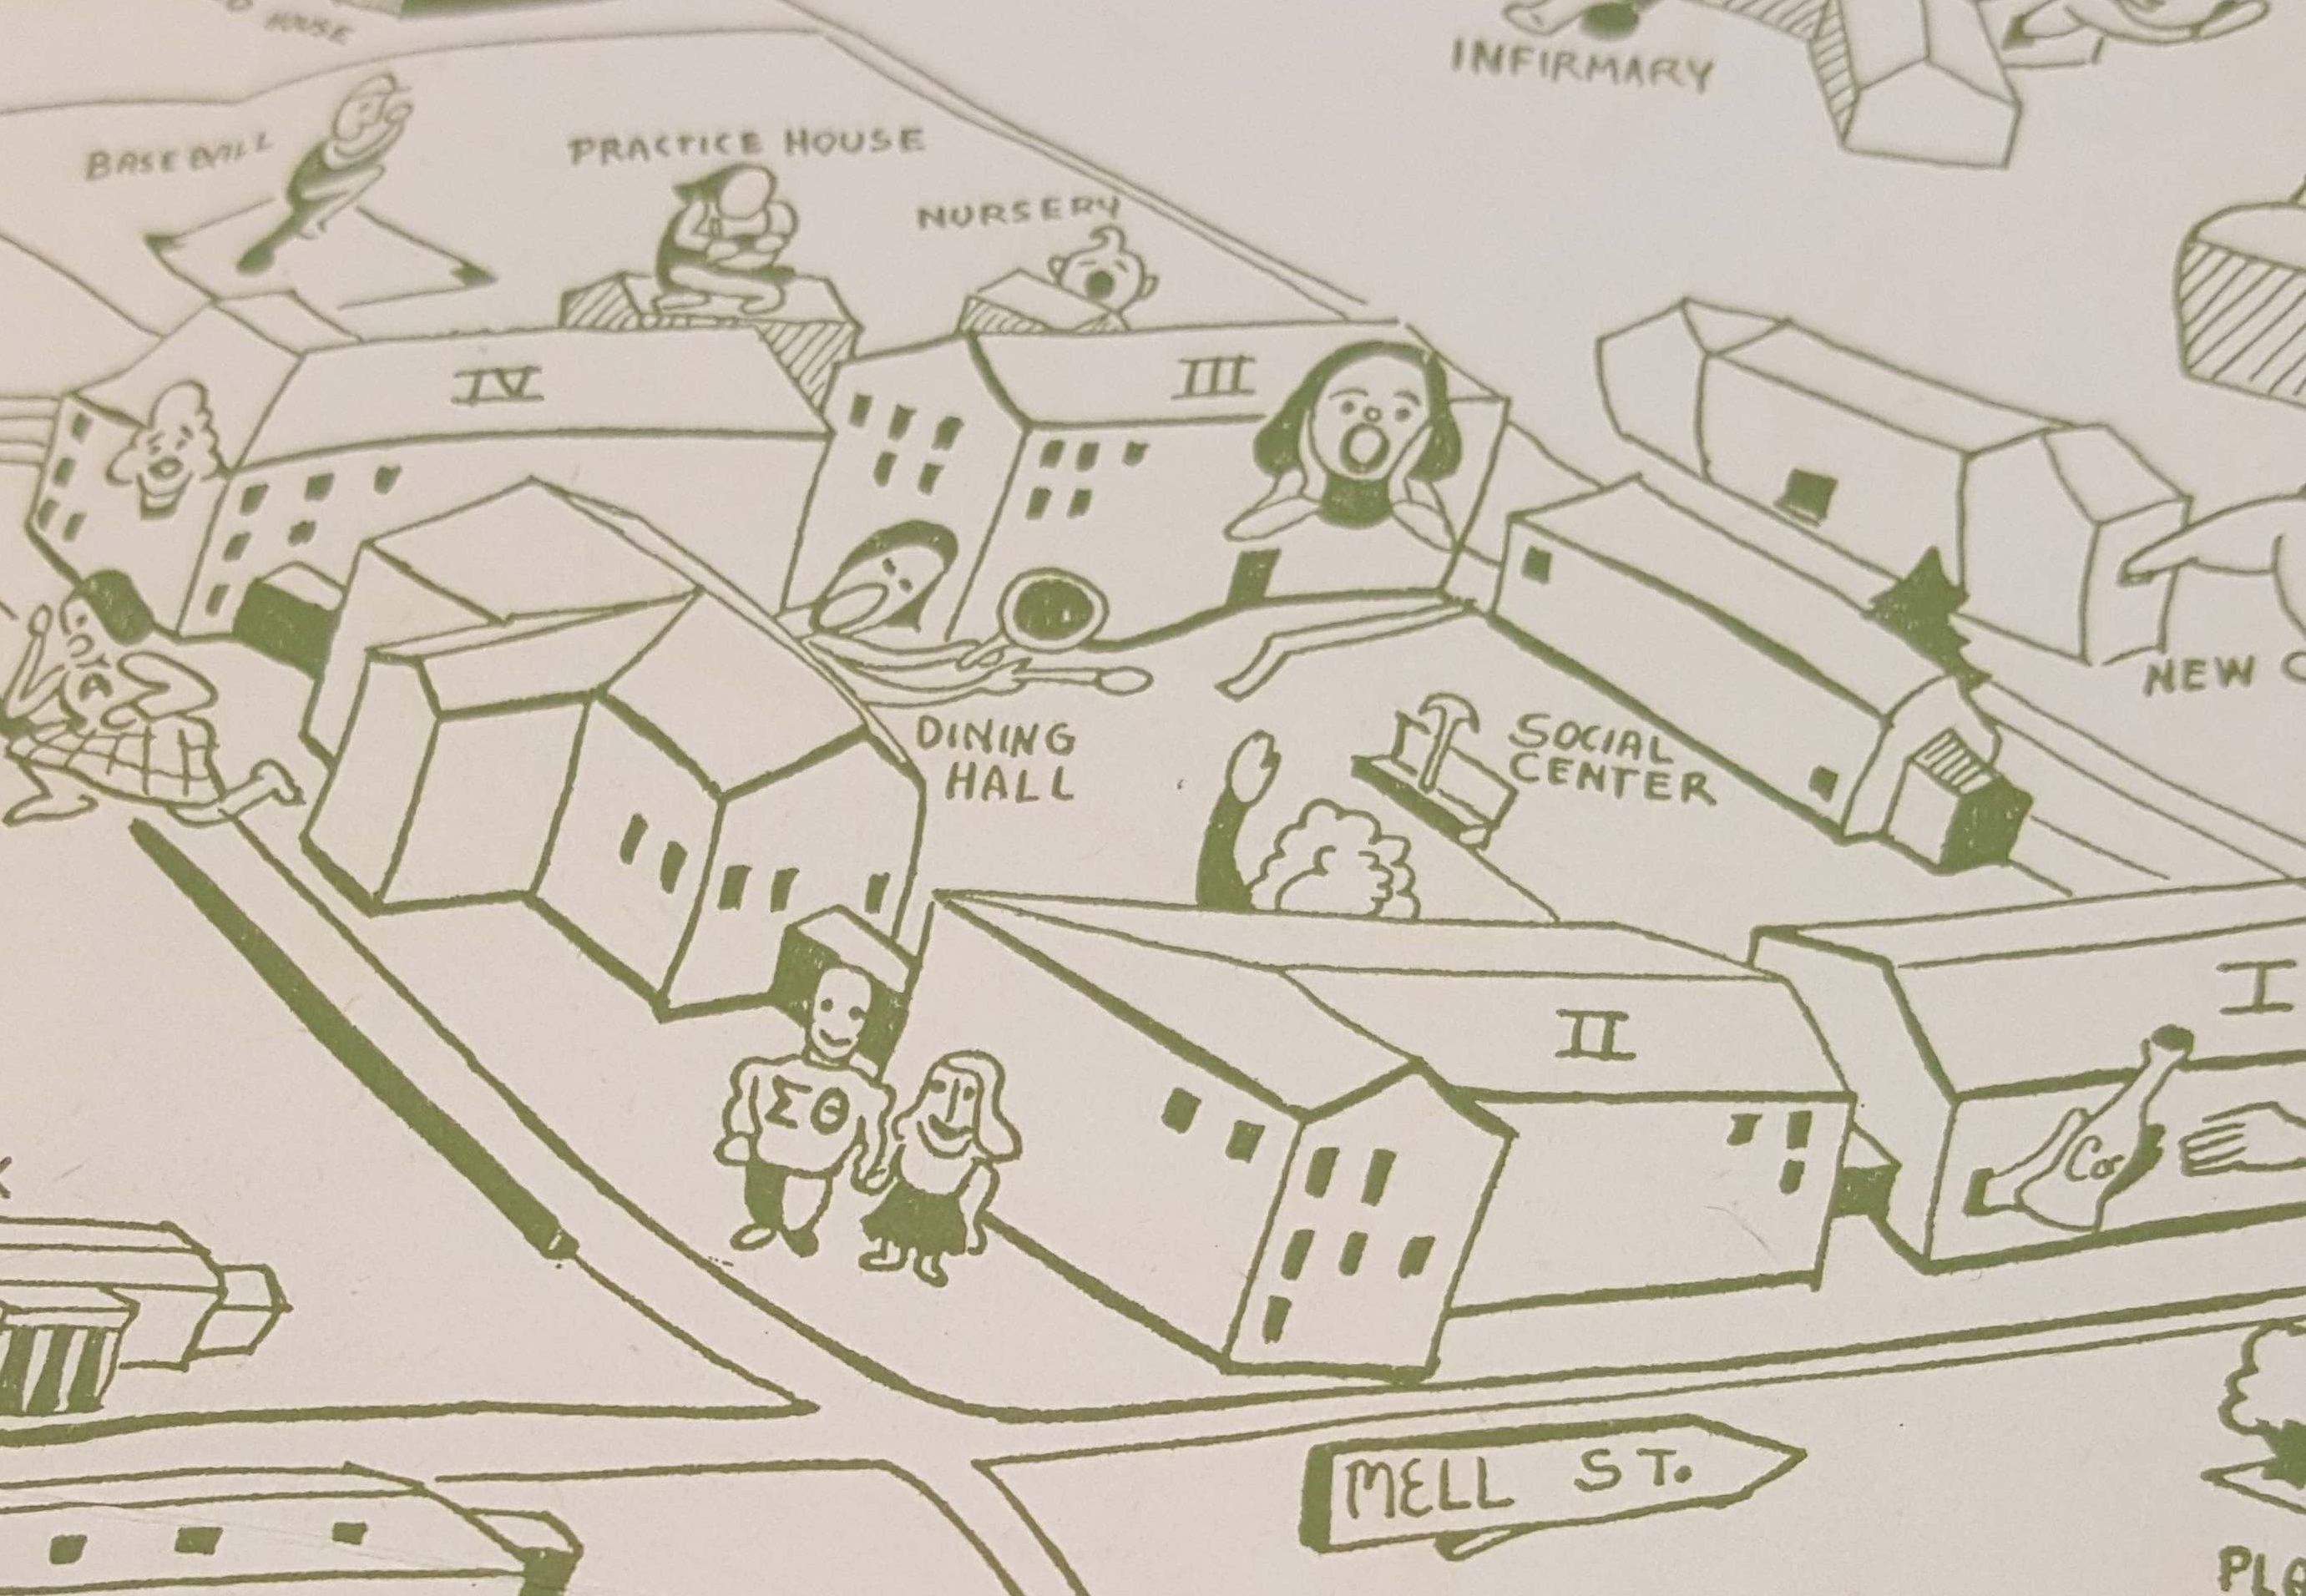 The Quadrangle 1945